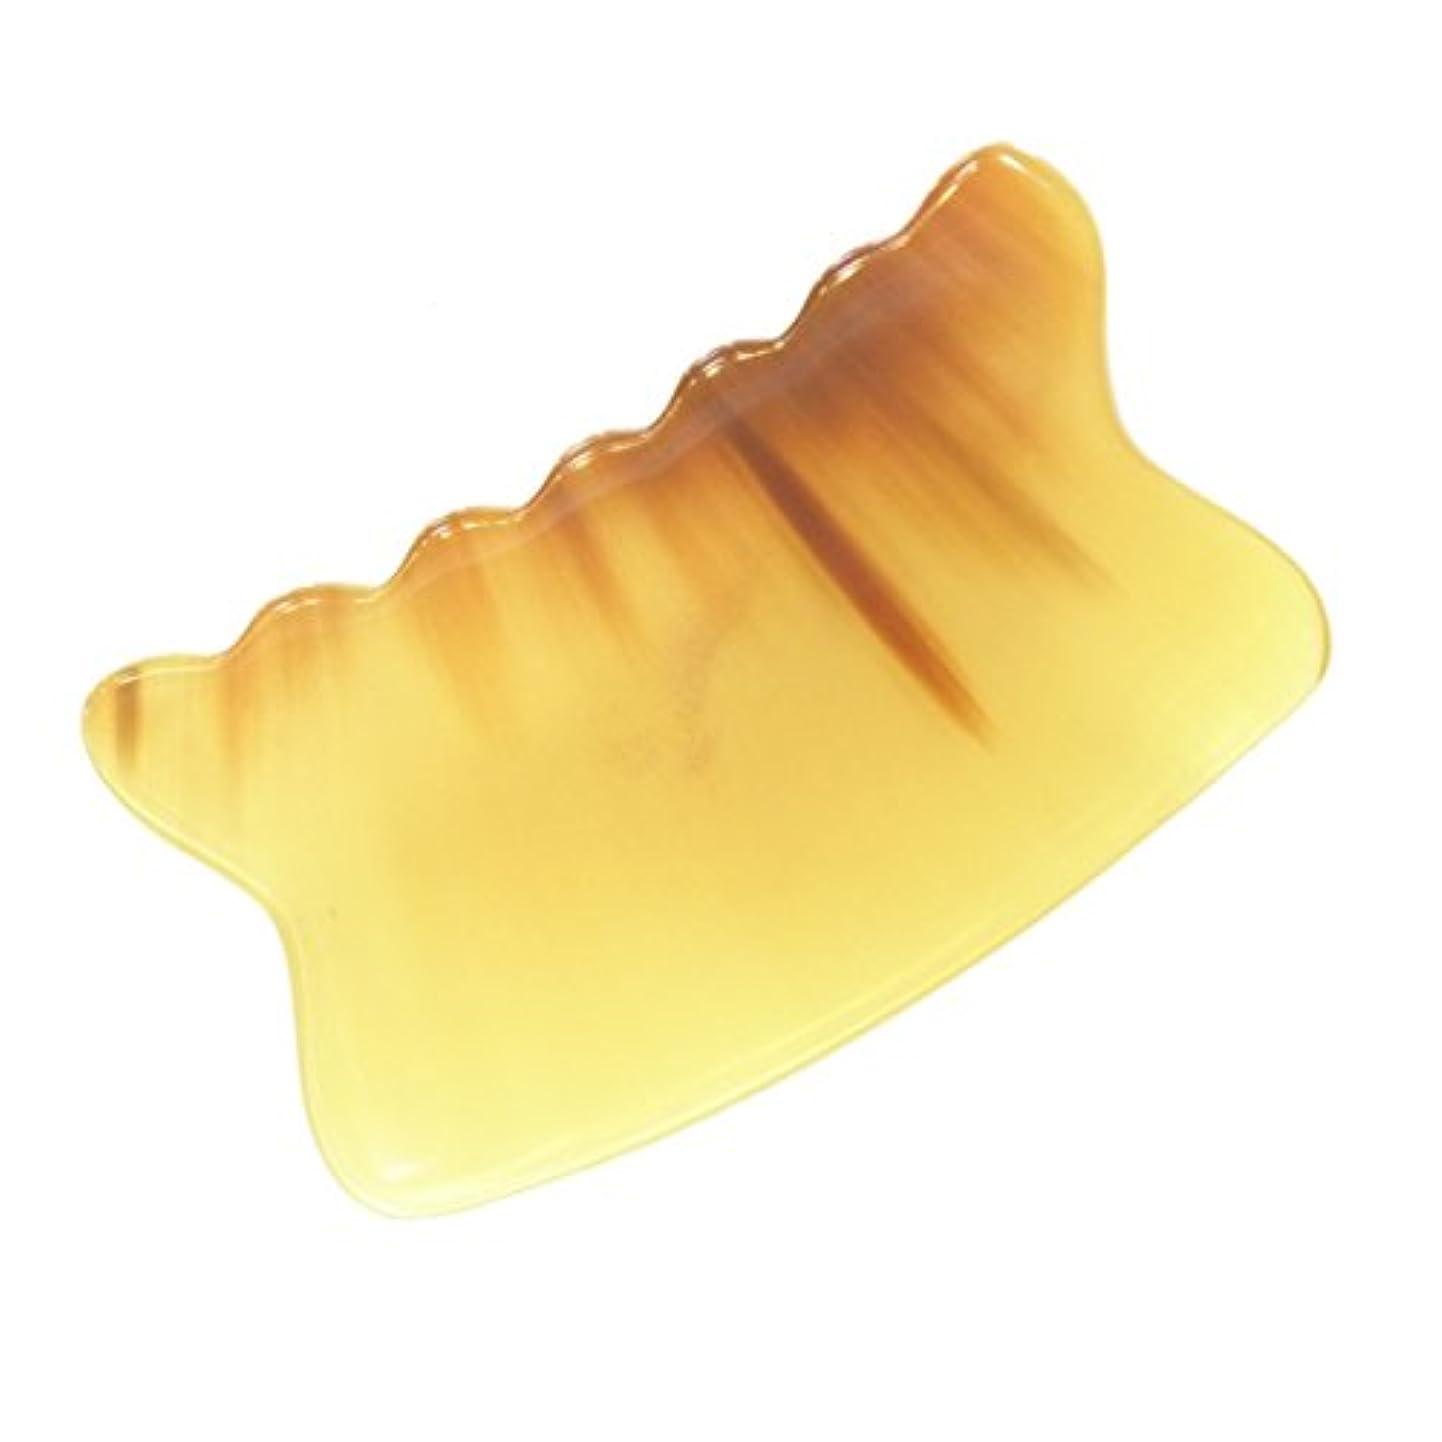 意志に反する追加悪意かっさ プレート 厚さが選べる 水牛の角(黄水牛角) EHE226SP 曲波型 特級品 厚め(6ミリ程度)